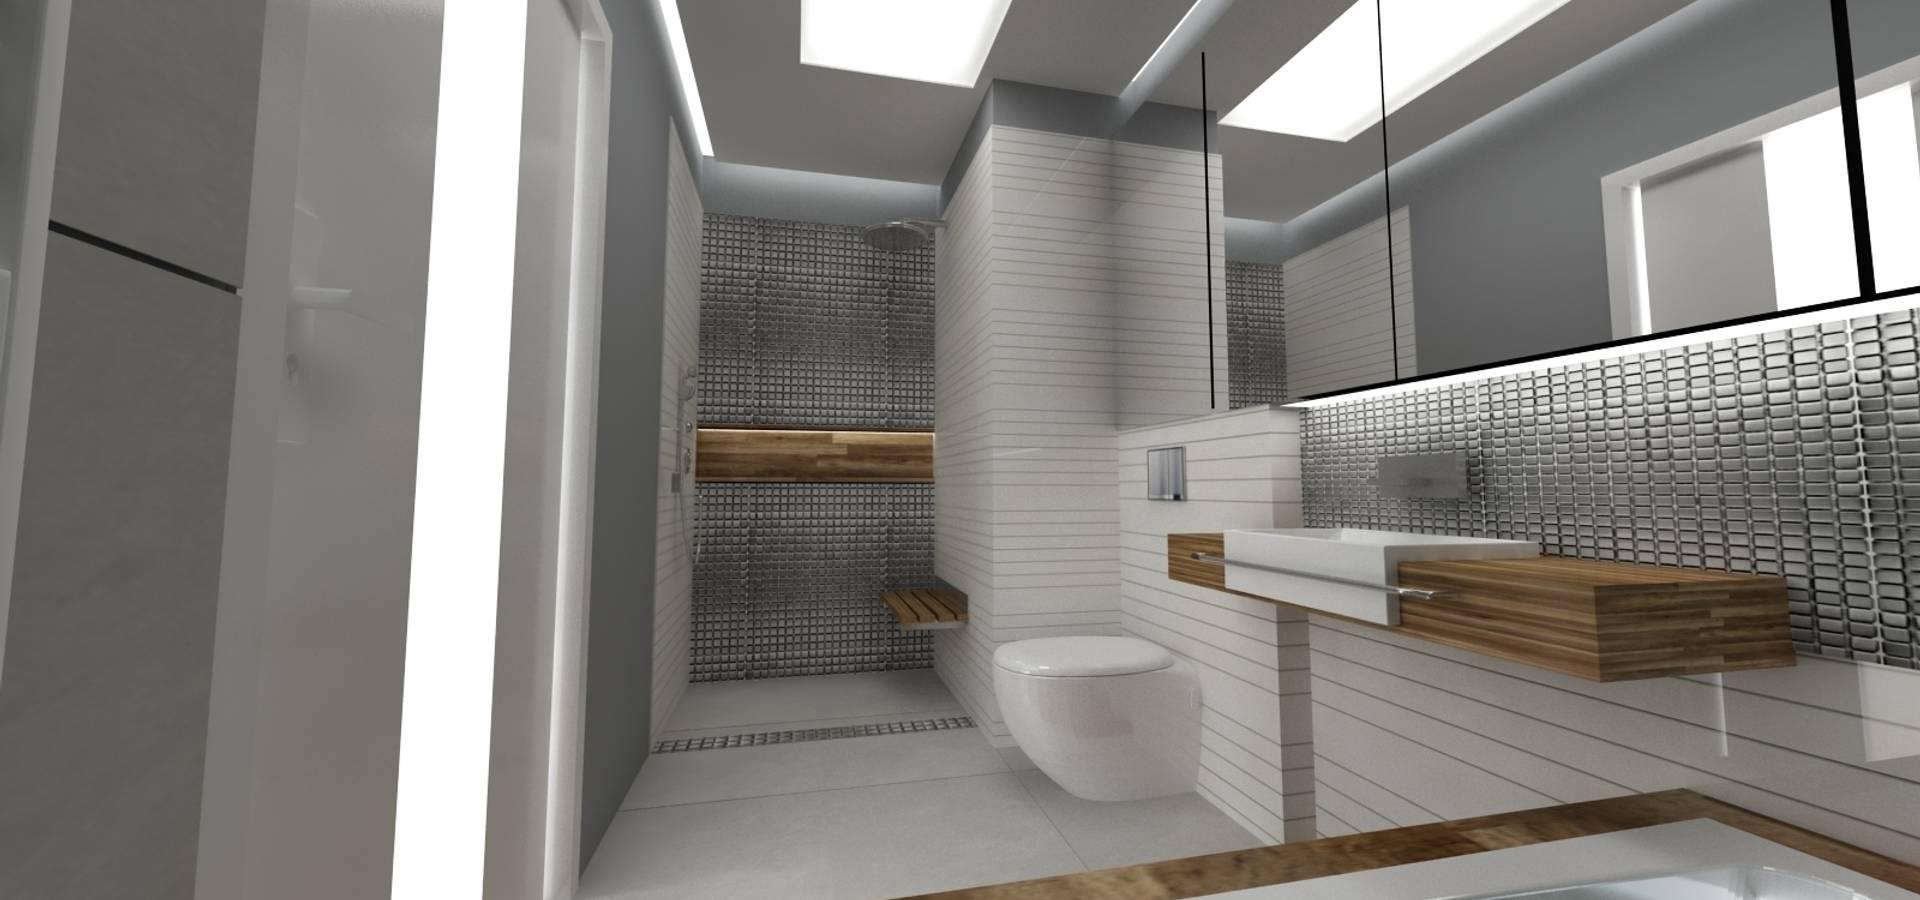 WW Studio Architektoniczne